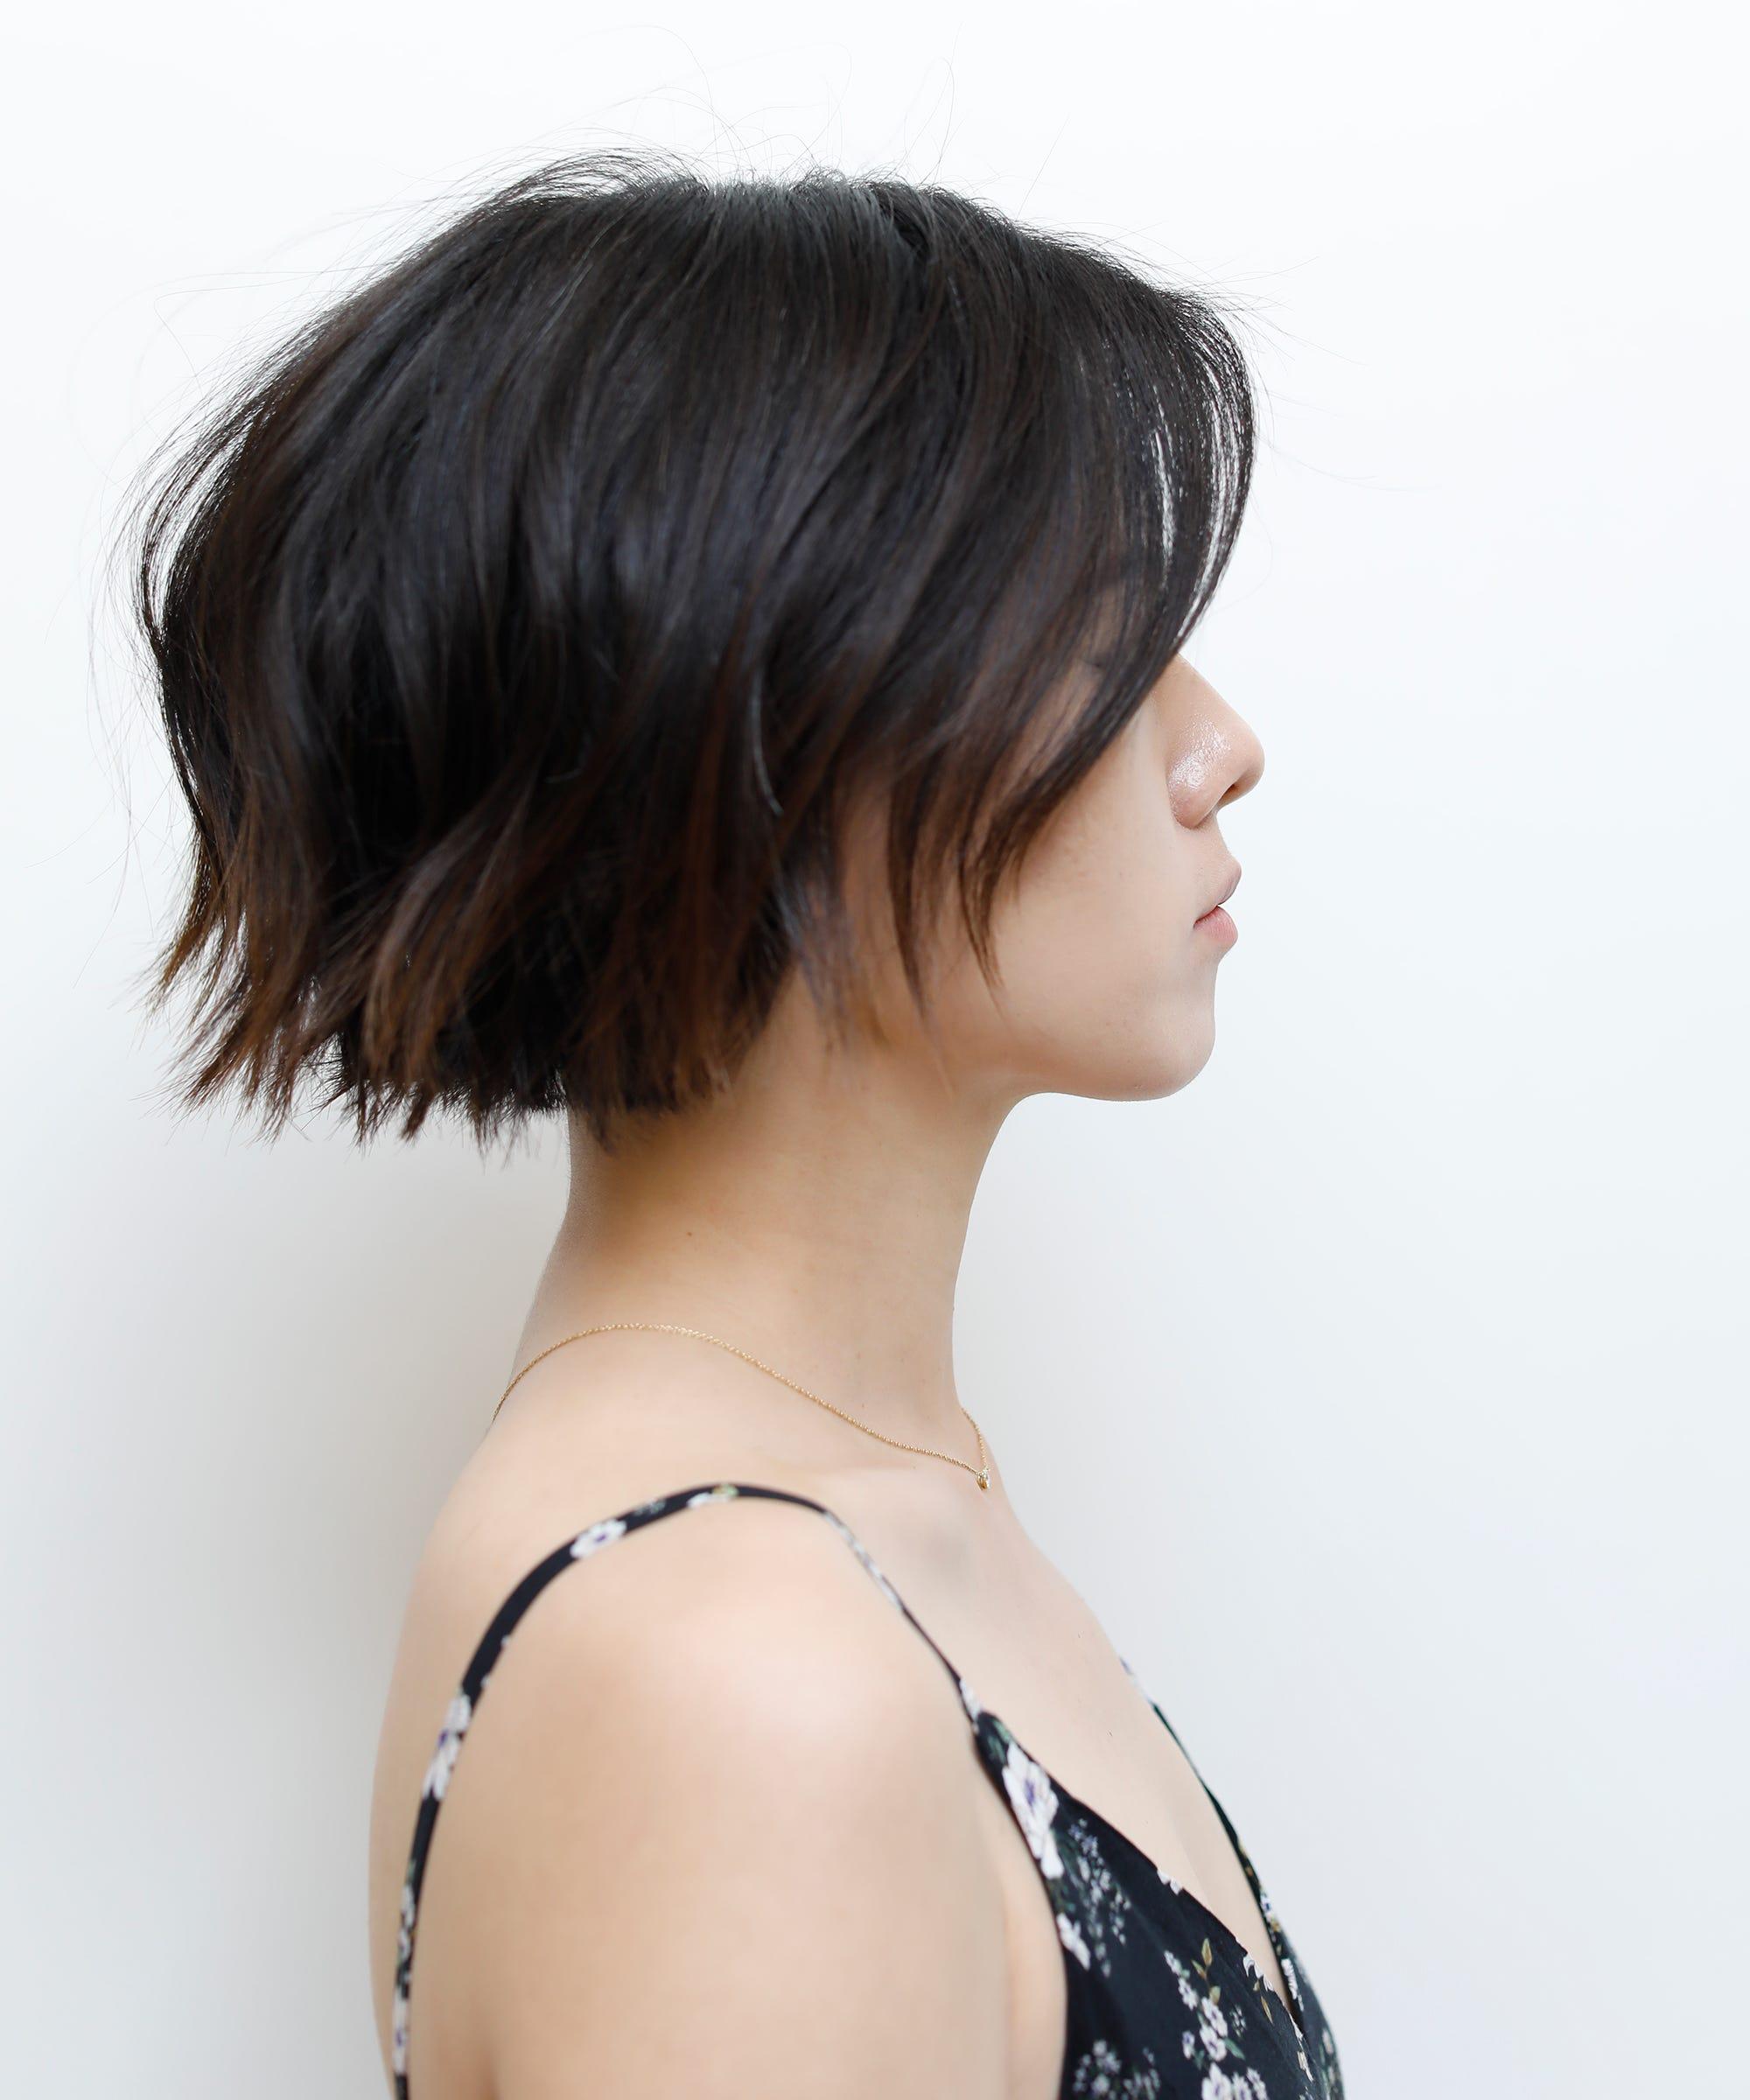 La hair trend parallel undercut thick hair technique solutioingenieria Images